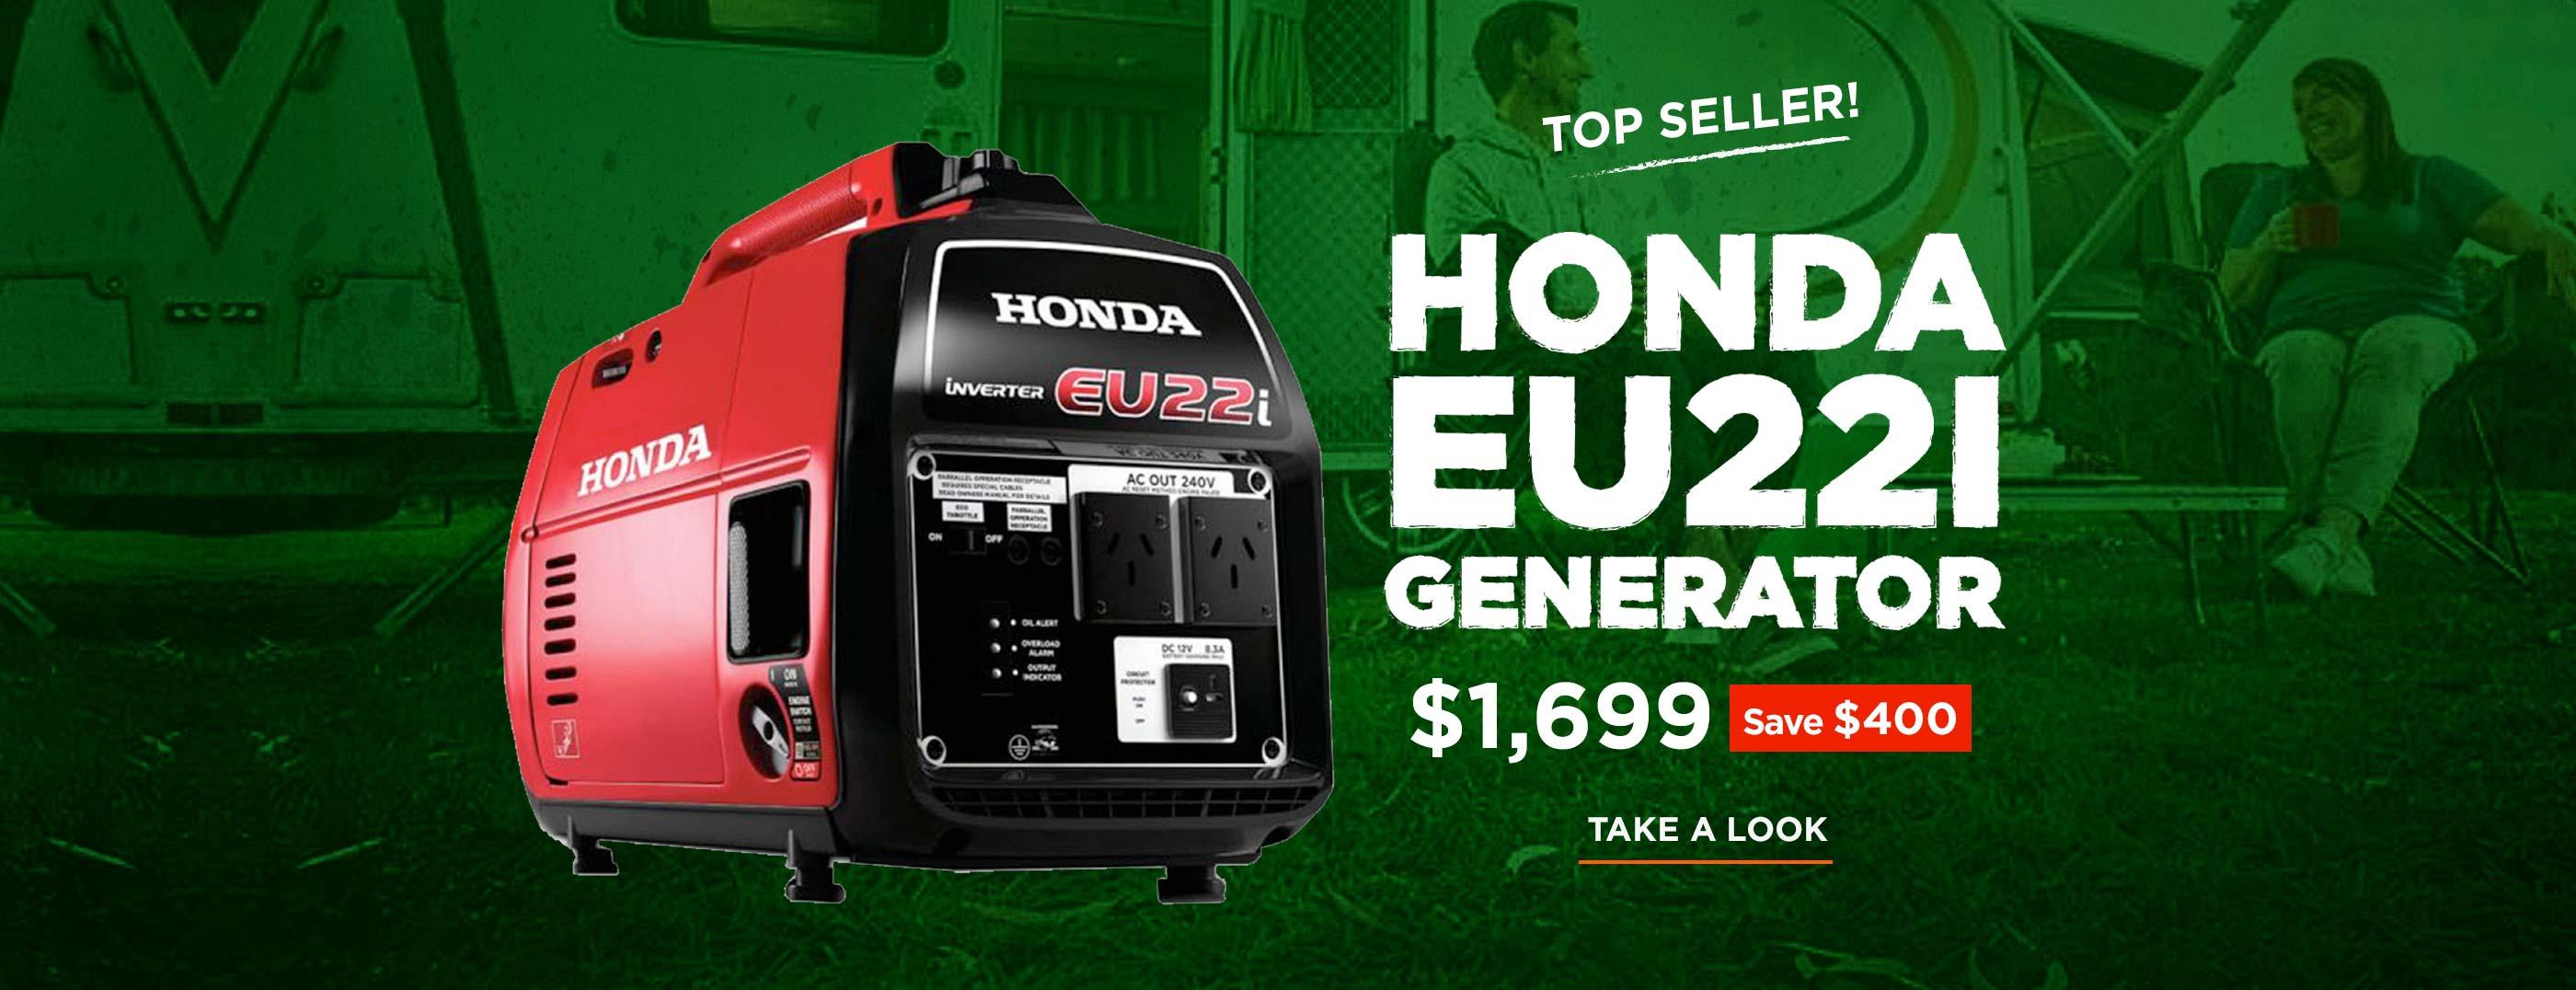 Honda Eu22i Generator save $400, only $1,699!